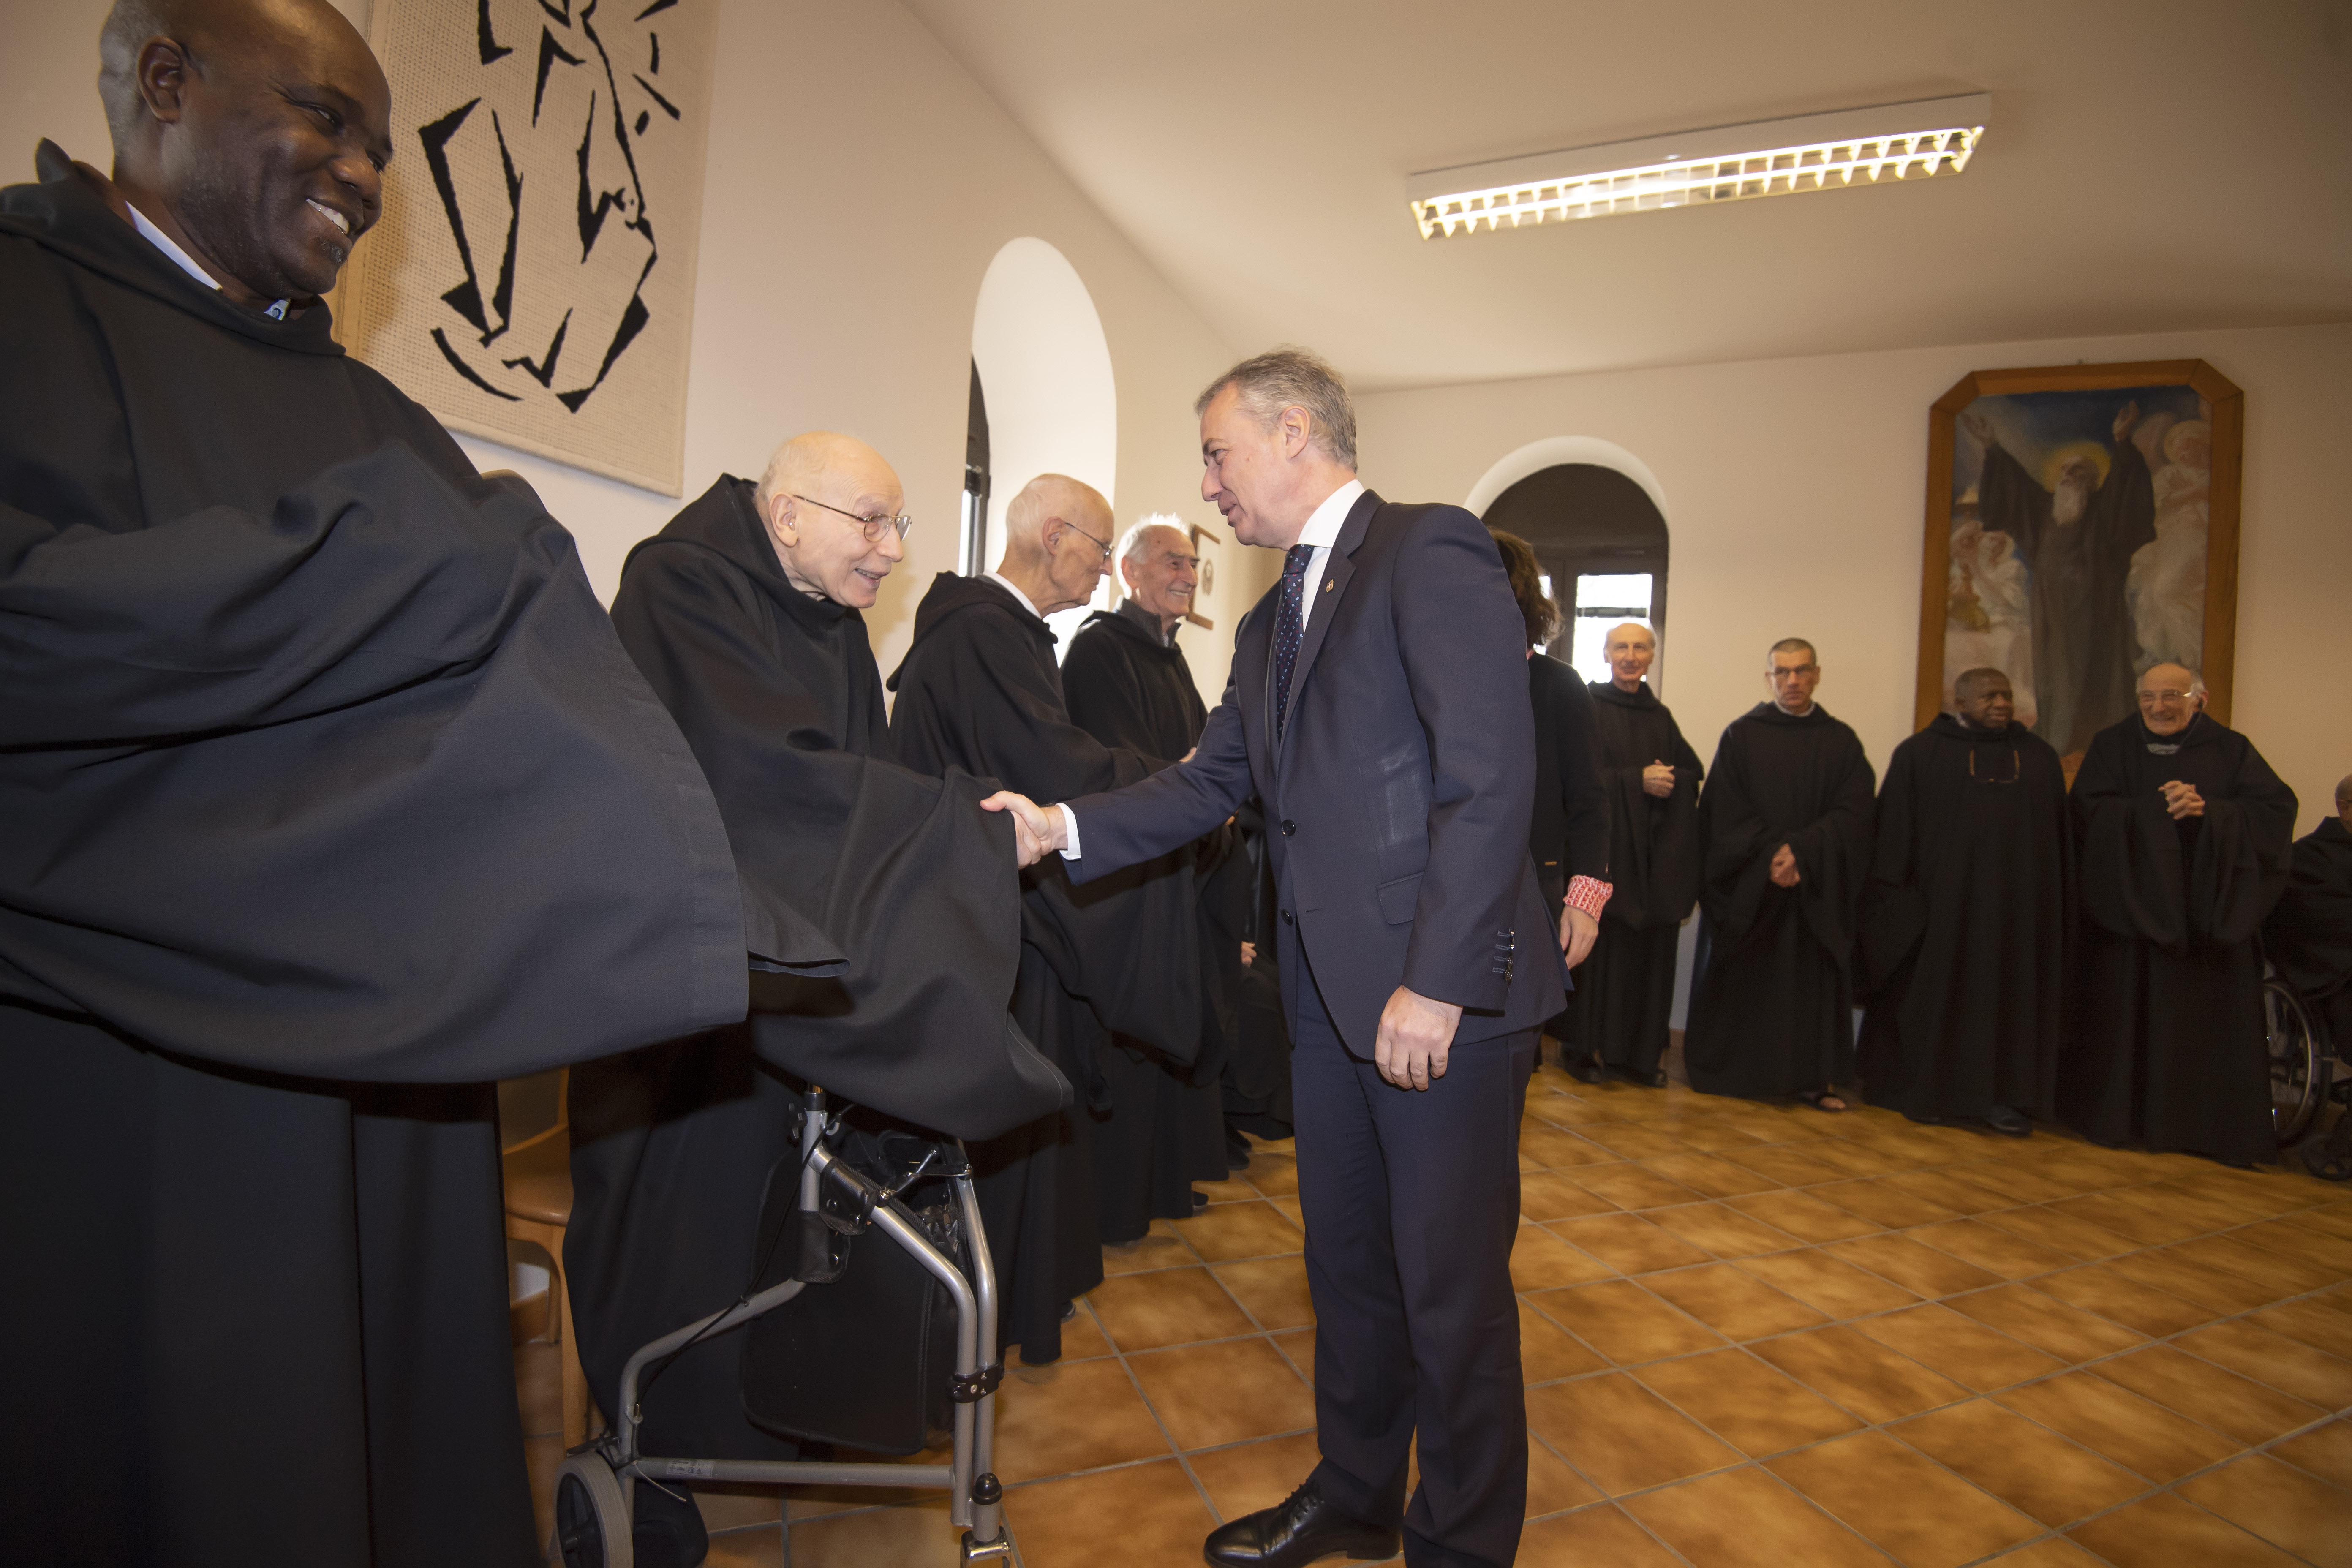 El Gobierno Vasco y Gogora homenajean a los monjes benedictinos del Monasterio de Belloc por la asistencia y protección ofrecida a ciudadanos vascos  entre 1936 y 1940 [11:33]